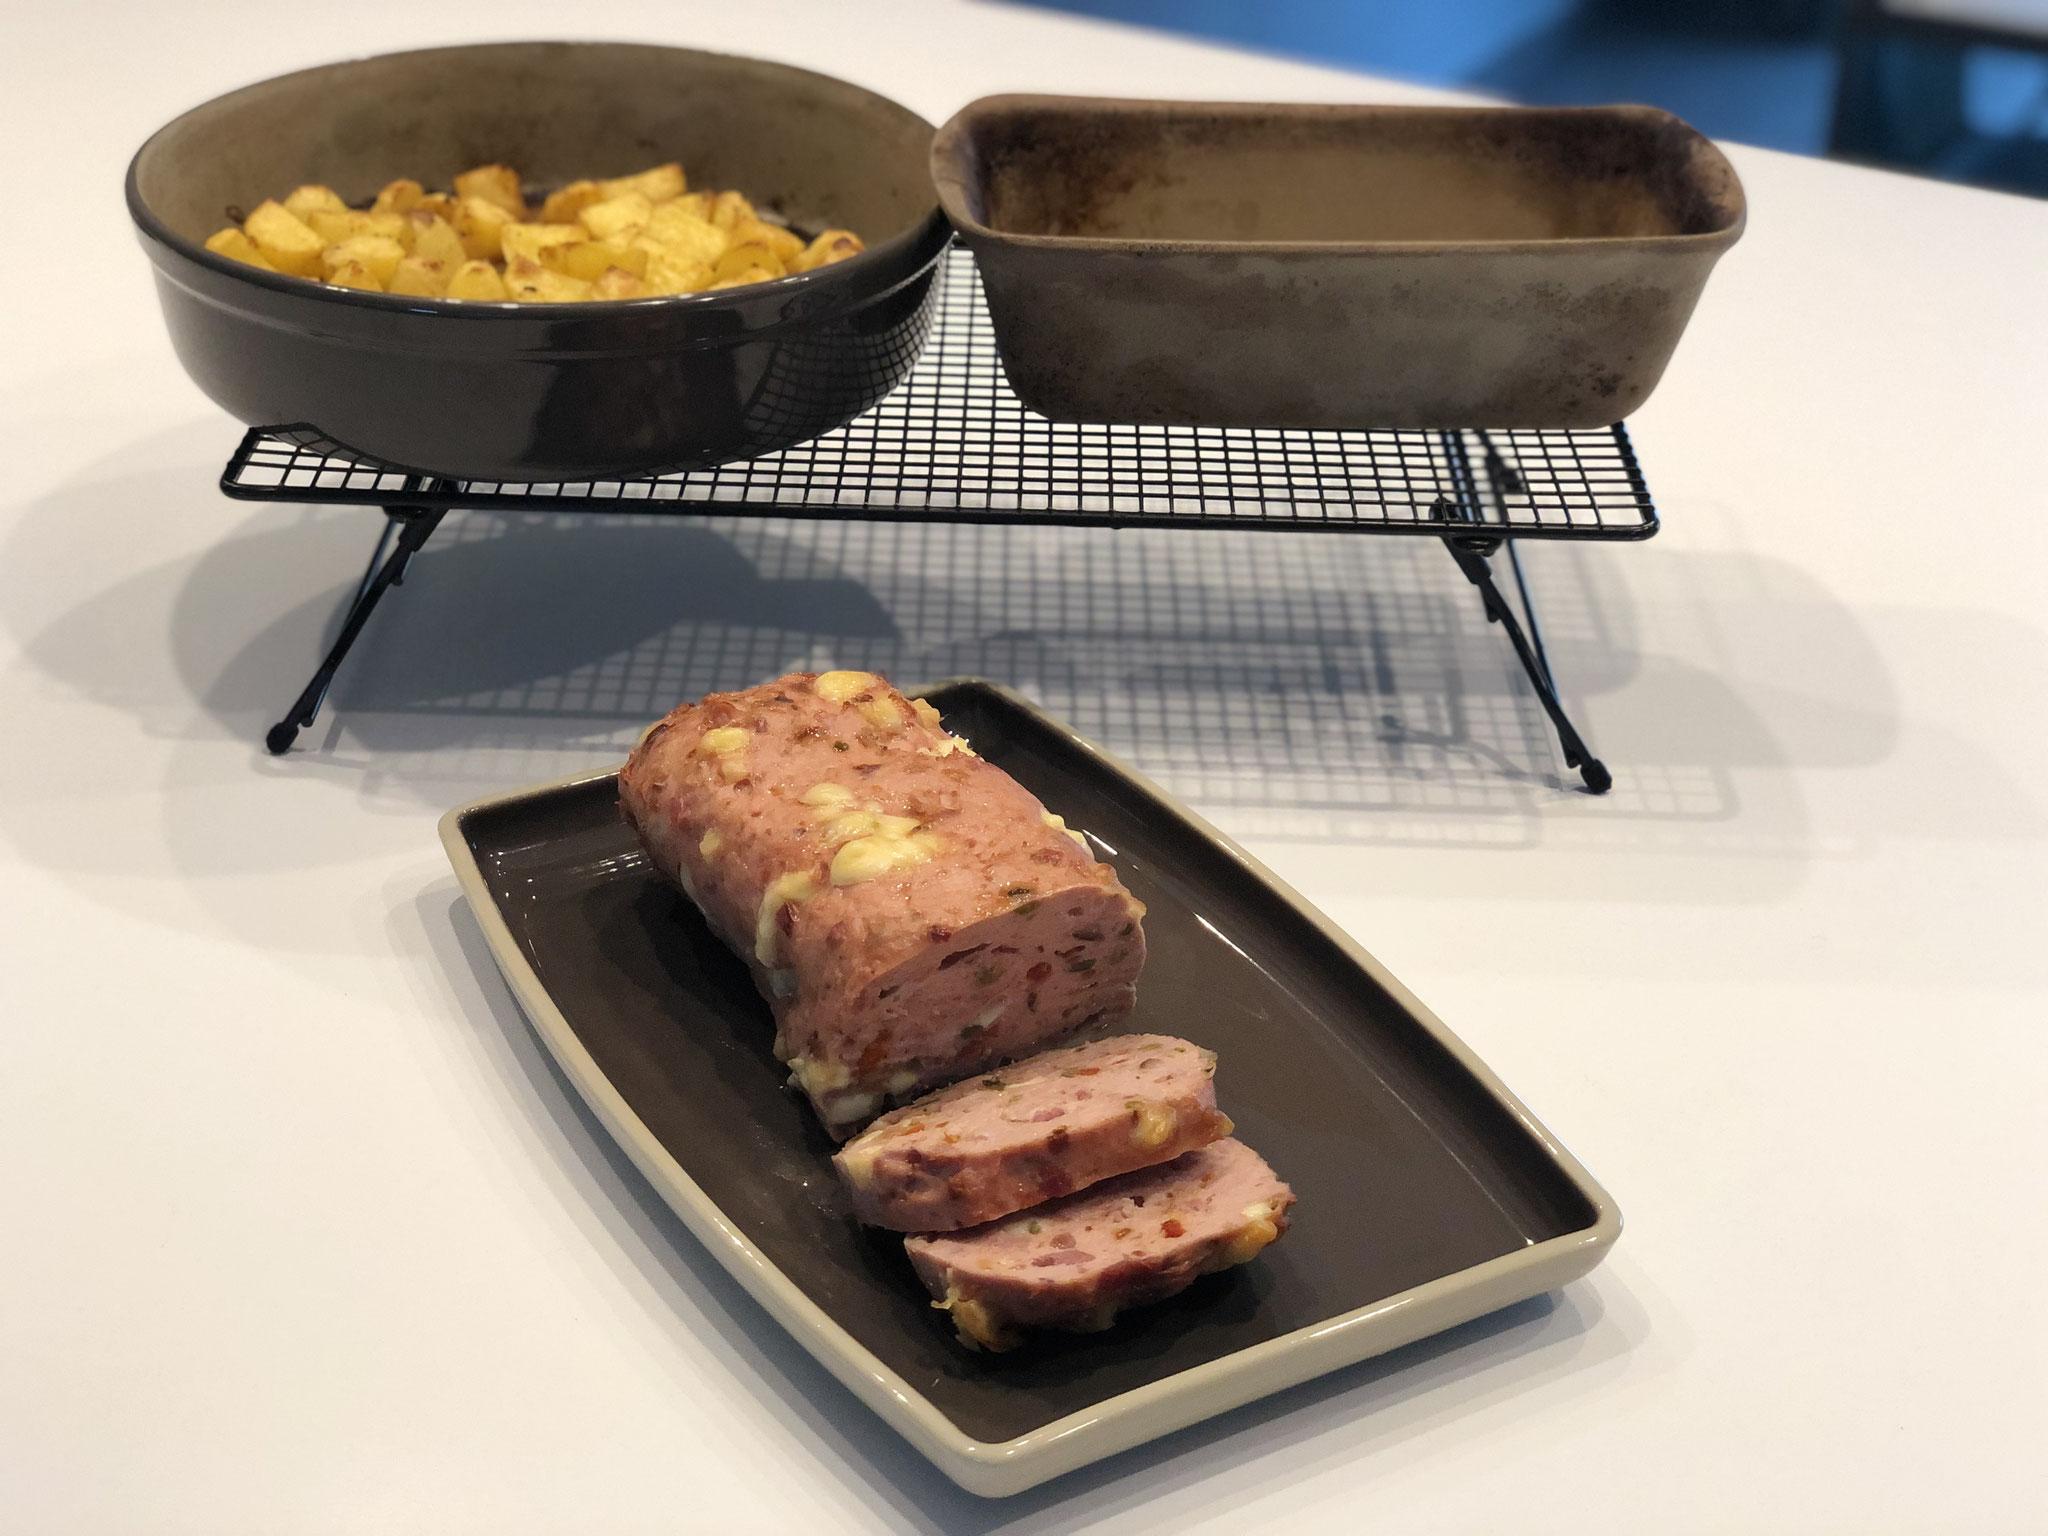 Ein leckeres schnelles Gericht ohne groß Aufwand aus dem Backofen.... Du kannst auch mehrere Zauberkästen mit verschiedenen Fleischkäse Sorten in deinen Backofen stellen....